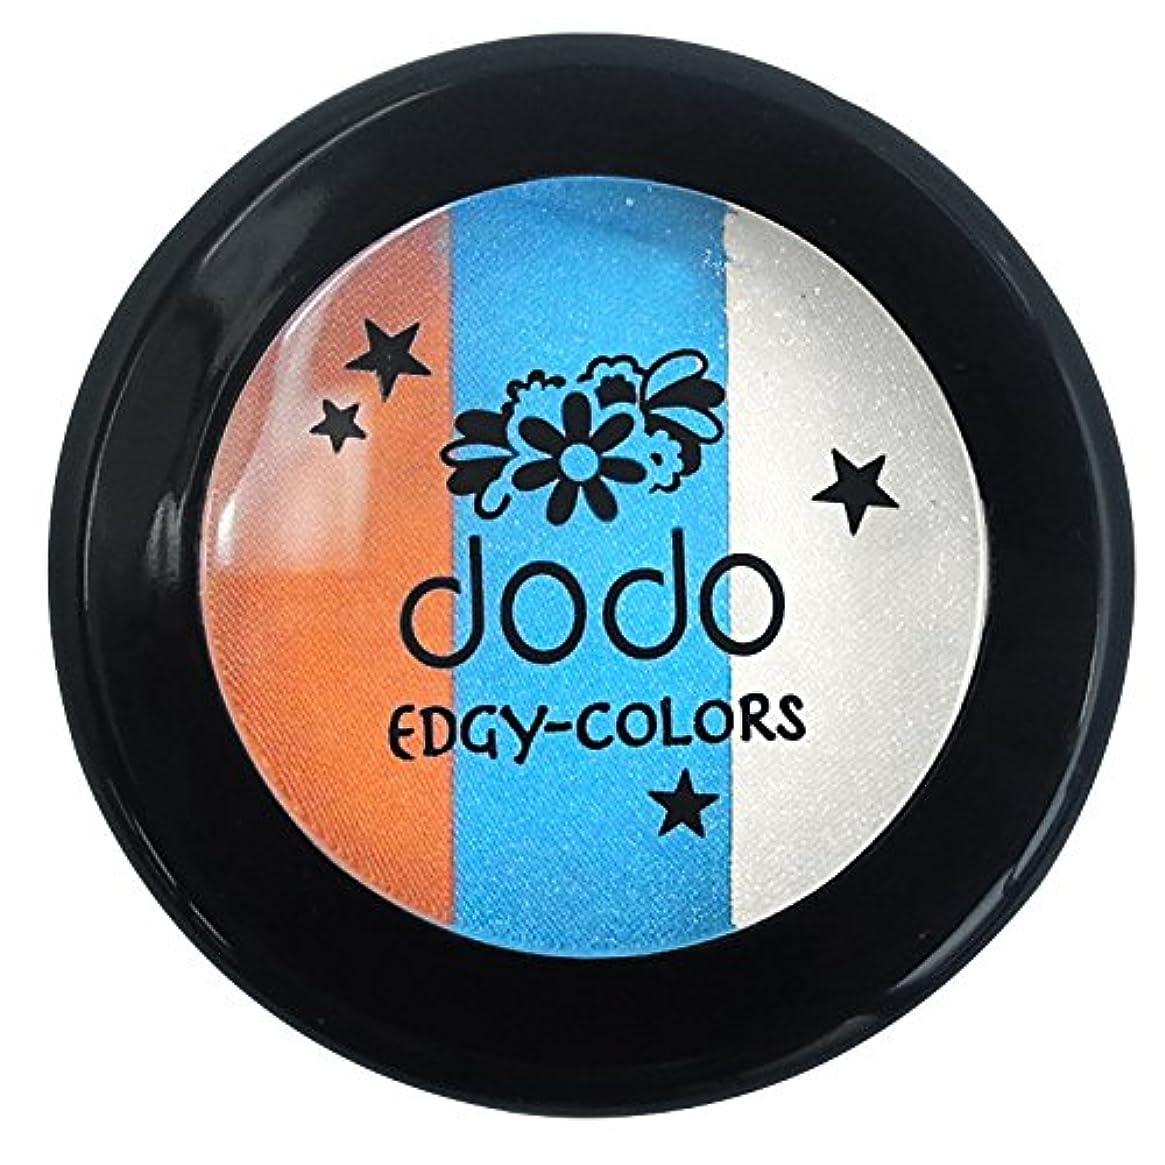 泥だらけ化学鋸歯状ドド エッジィカラーズ EC60ピーコックブルー